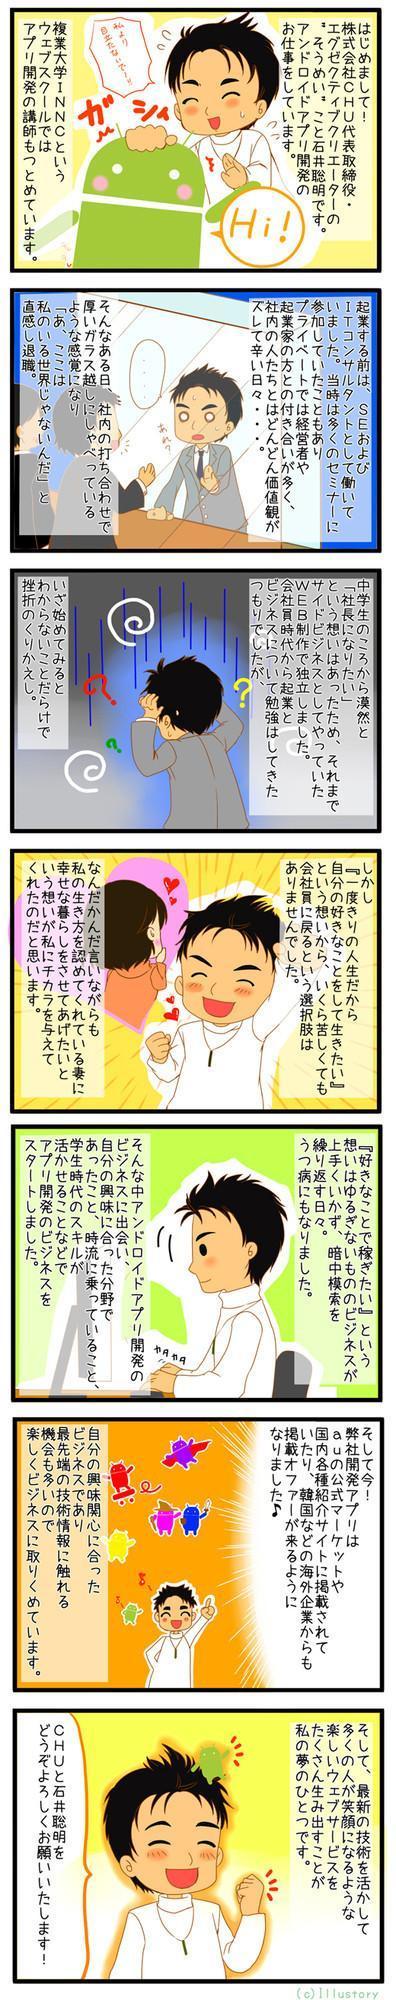 笑顔になれる場所-そうめい 7コマ漫画